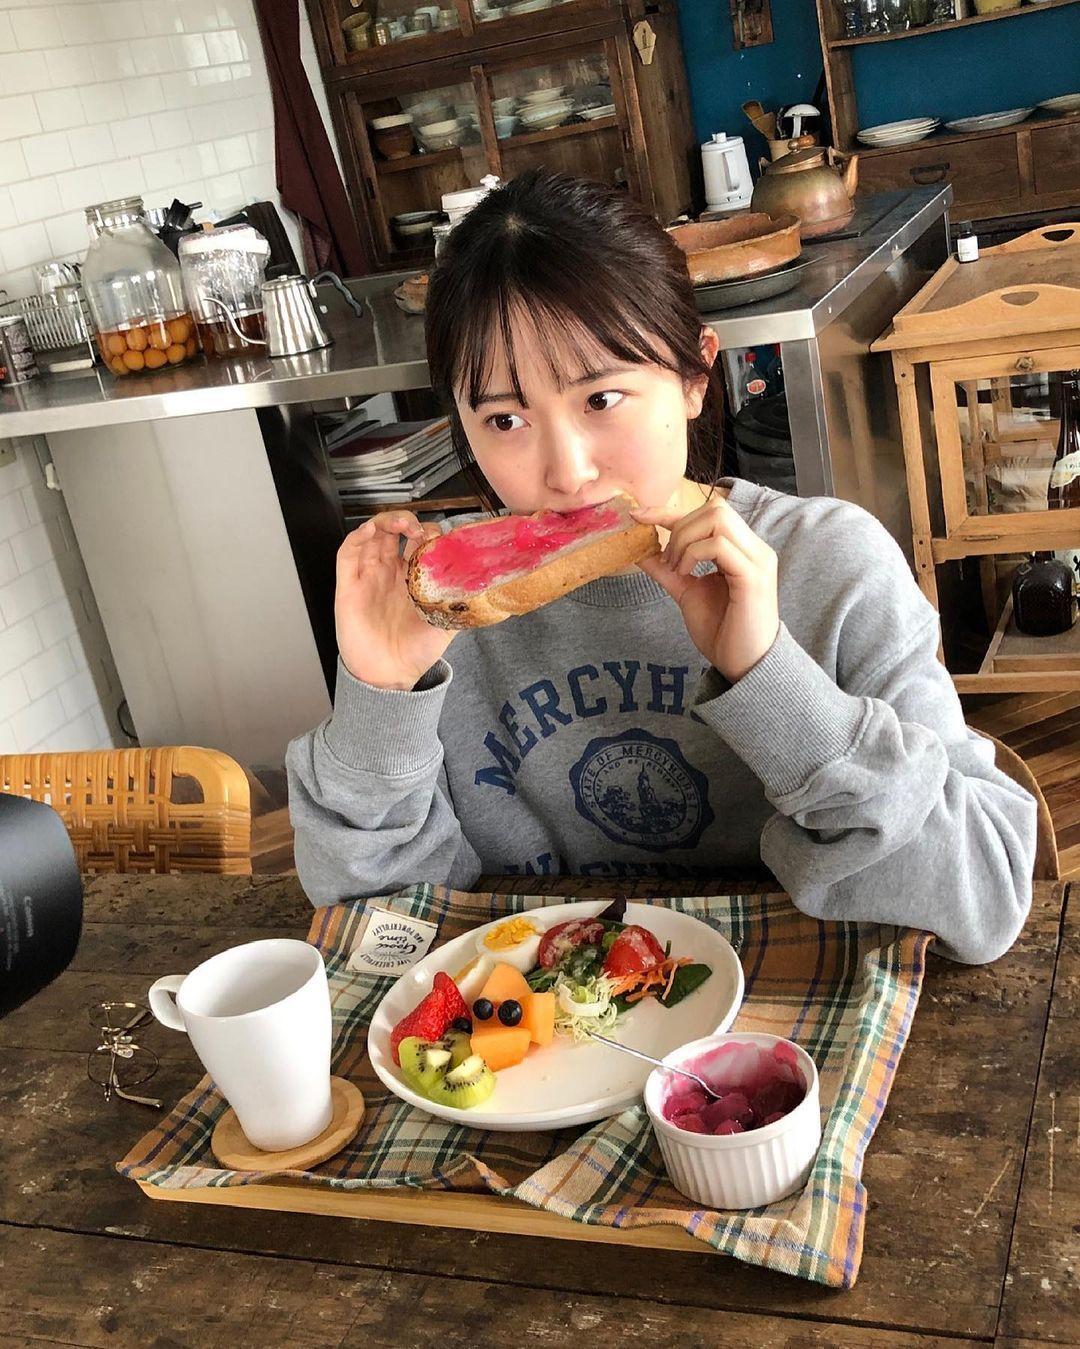 甜美小吃货森戸知沙希大口吃美食画面超疗愈疲惫心灵也跟着得到满足 养眼图片 第16张